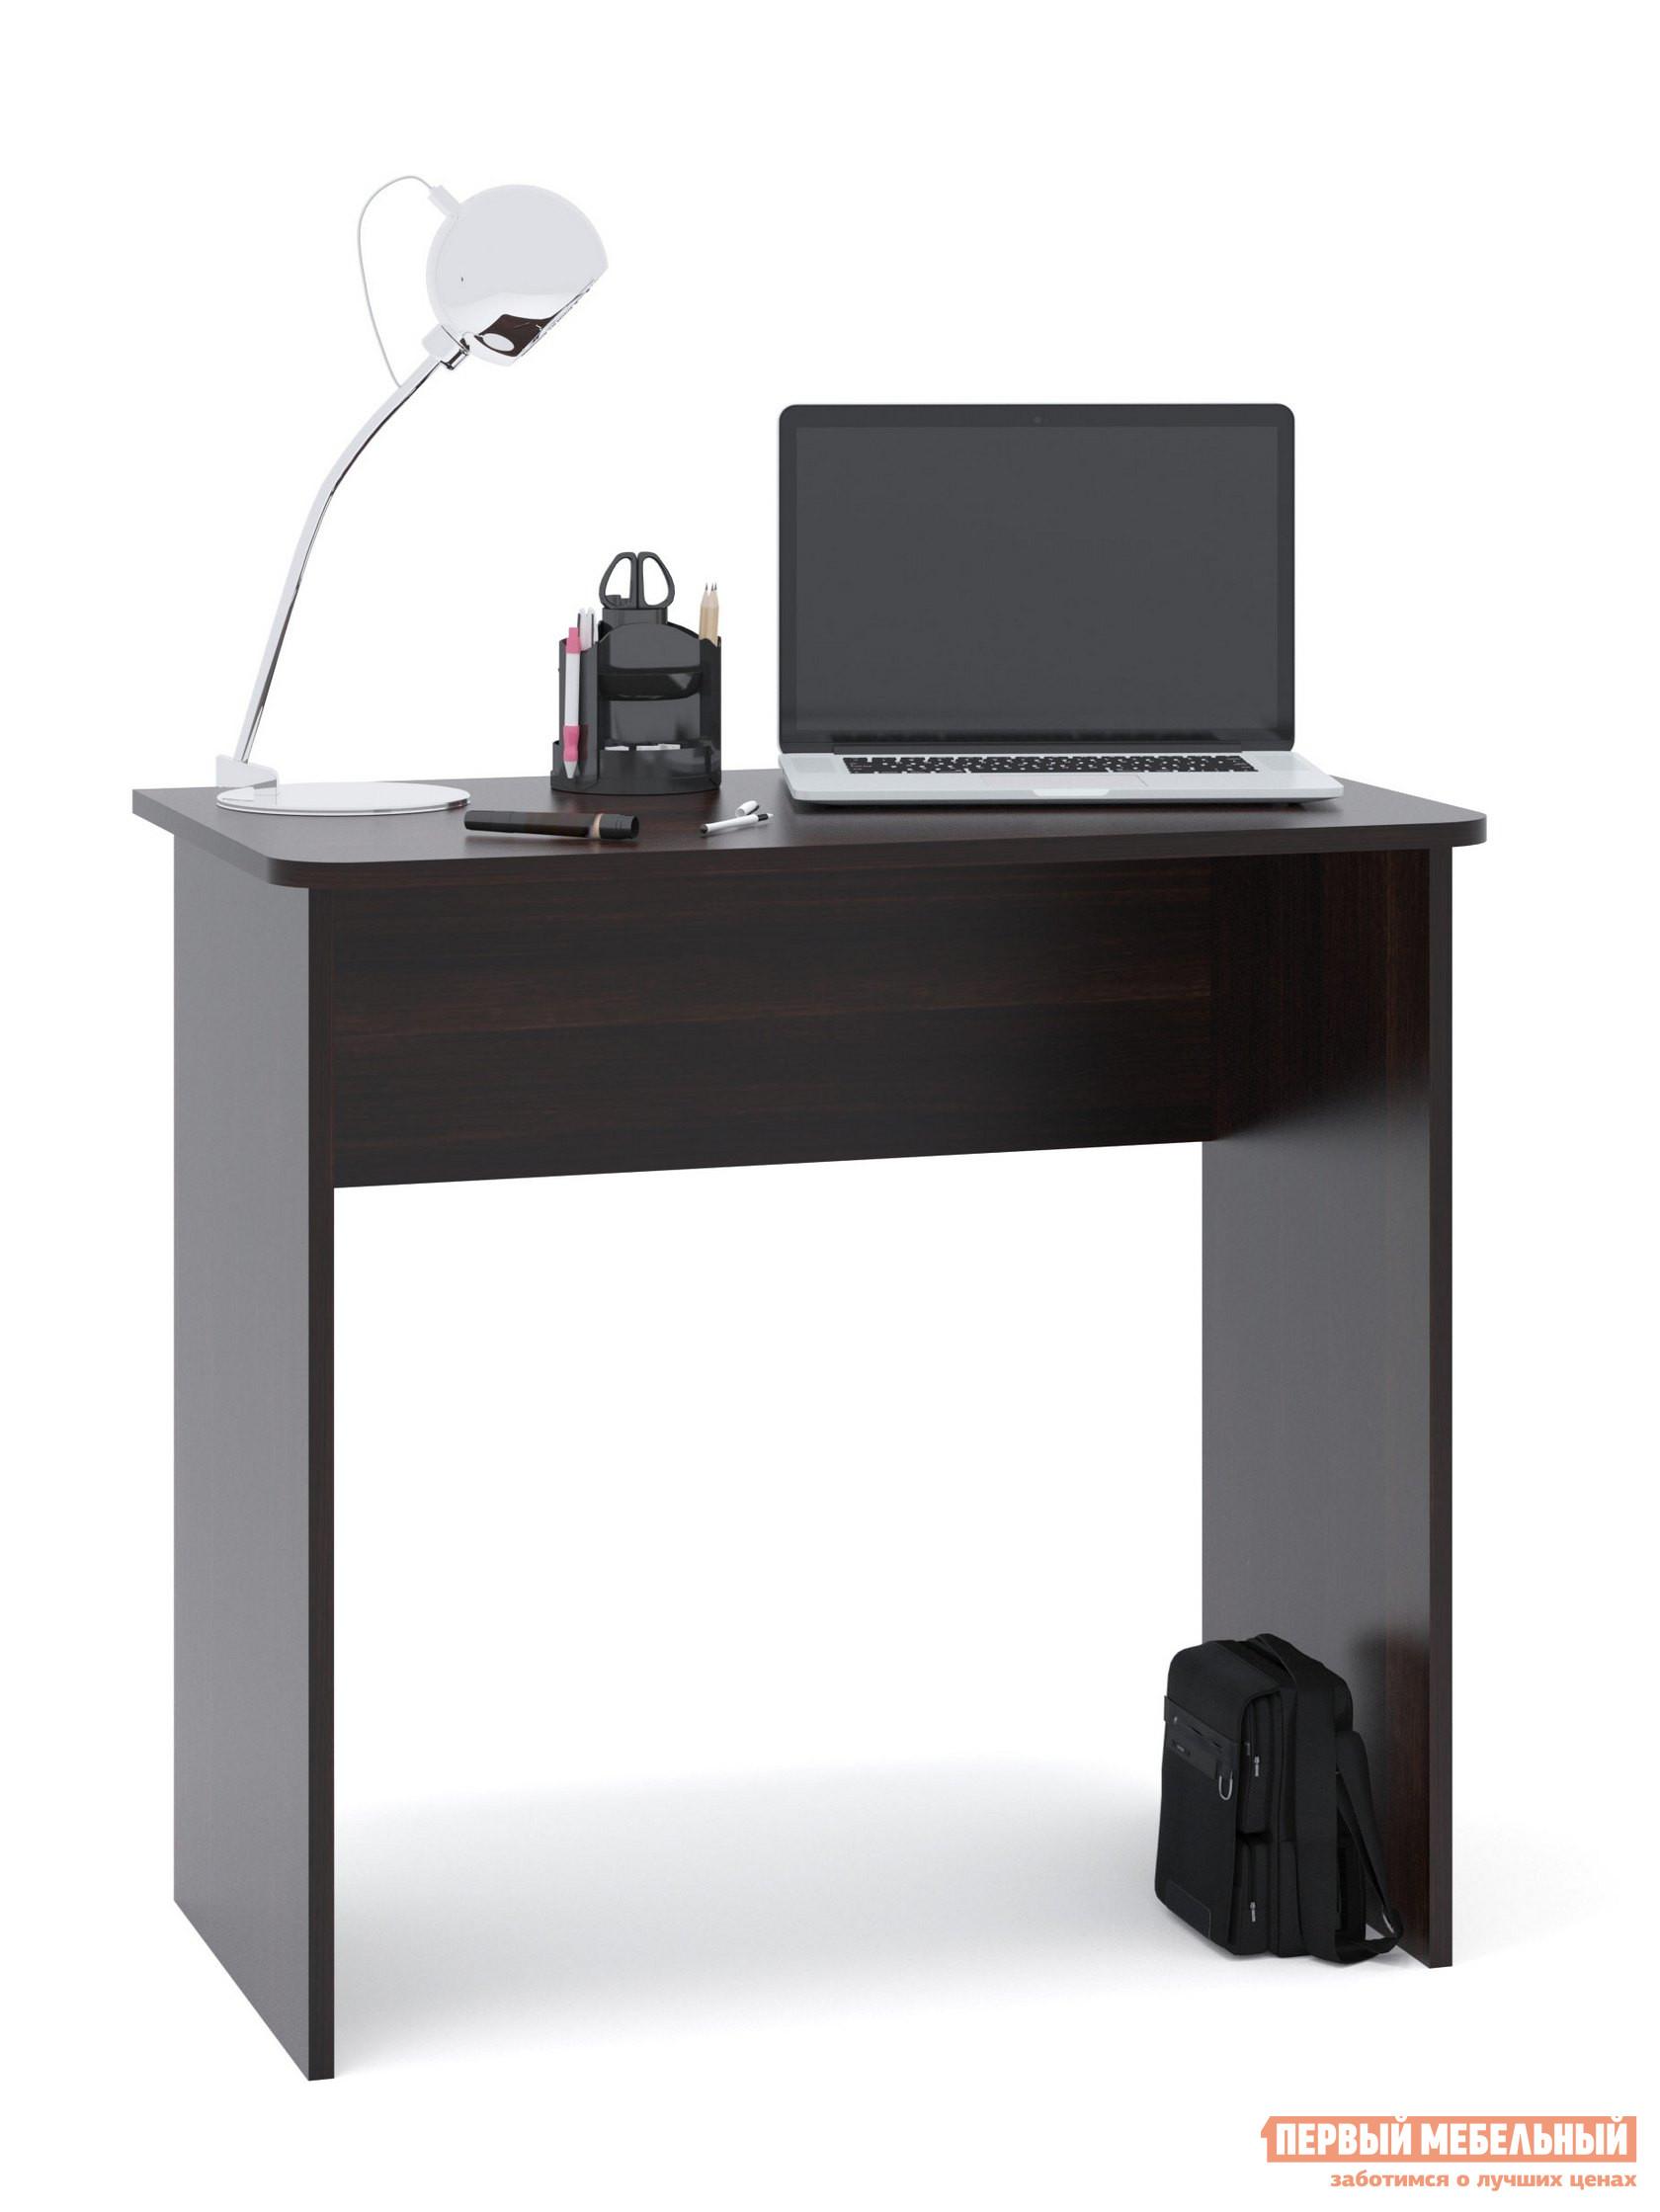 Письменный стол Сокол СПМ-08 ВенгеПисьменные столы<br>Габаритные размеры ВхШхГ 740x800x446 мм. Небольшой письменный стол для работы или учебы.  Стол можно использовать как письменный или компьютерный.  Простая конструкция стола впишется в любой интерьер и не будет его загромождать лишними деталями. Столешница изготовлена из ЛДСП отечественного производства толщиной 16 мм, отделана кромкой ПВХ 2 мм.  Рекомендуем сохранить инструкцию по сборке (паспорт изделия) до истечения гарантийного срока.<br><br>Цвет: Венге<br>Высота мм: 740<br>Ширина мм: 800<br>Глубина мм: 446<br>Кол-во упаковок: 1<br>Форма поставки: В разобранном виде<br>Срок гарантии: 2 года<br>Тип: Прямые<br>Материал: Дерево<br>Материал: ЛДСП<br>Размер: Маленькие<br>Размер: Ширина 80 см<br>Стиль: Современный<br>Стиль: Модерн